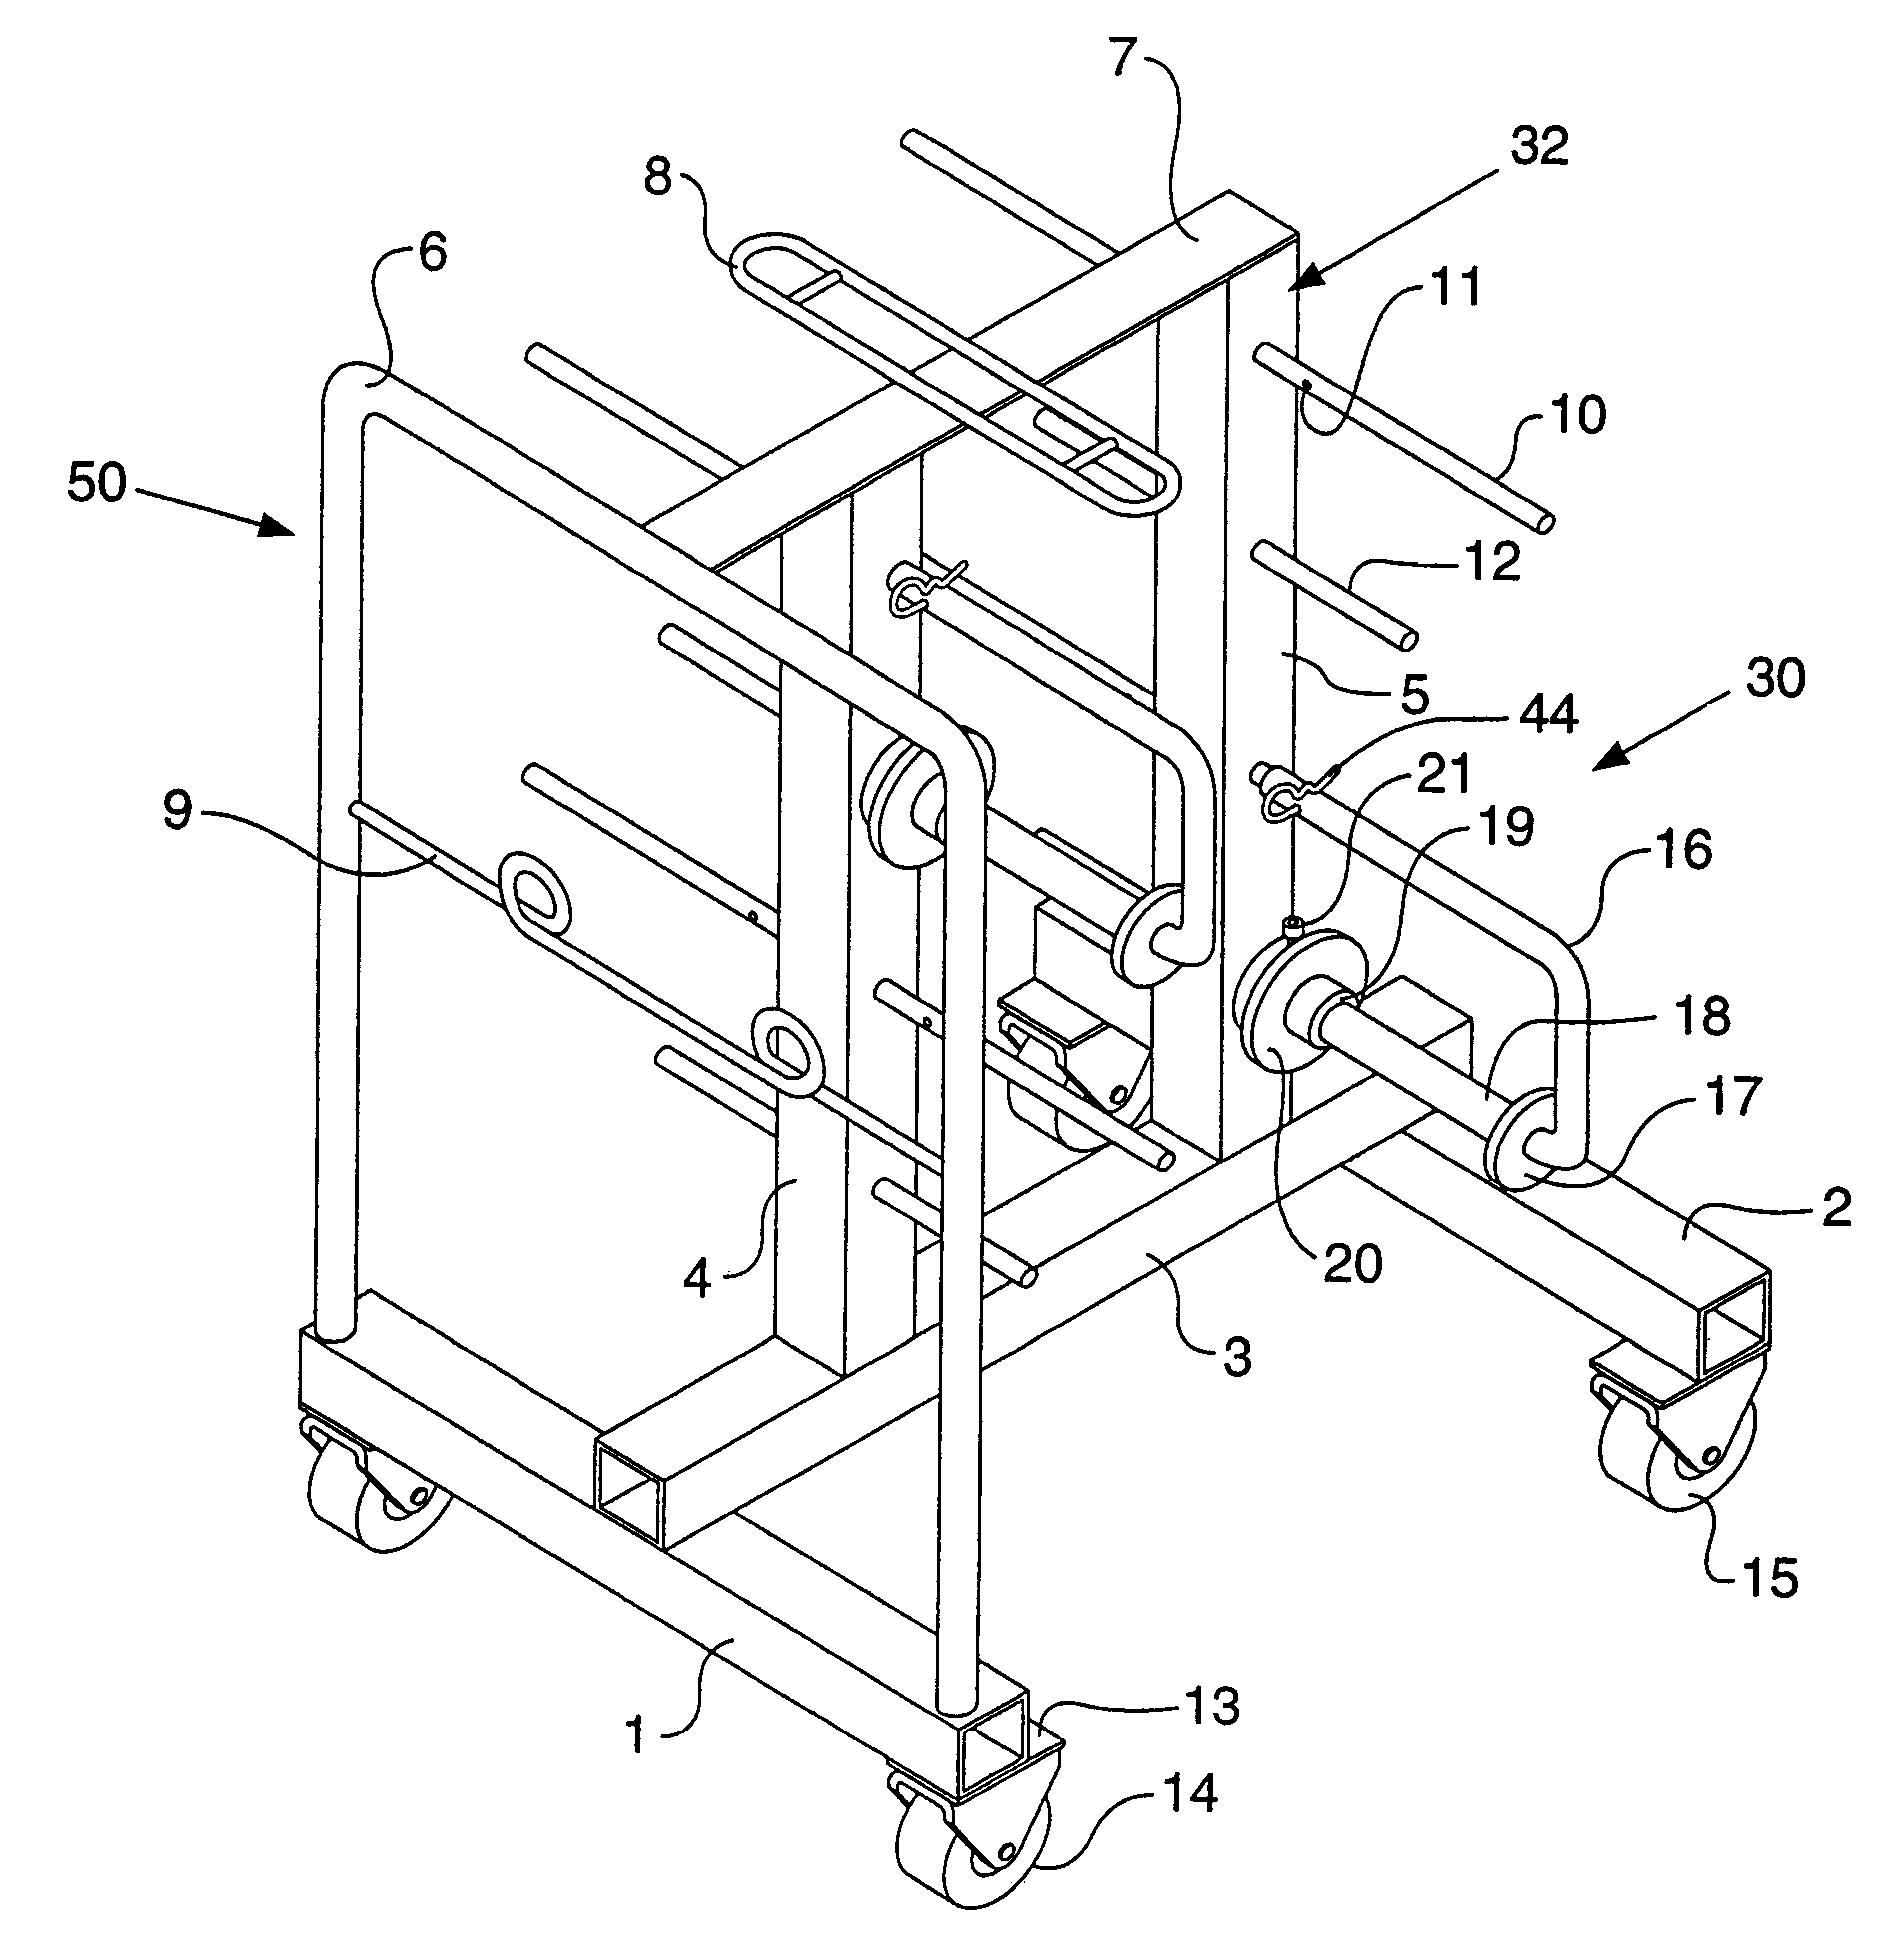 patent us7243876